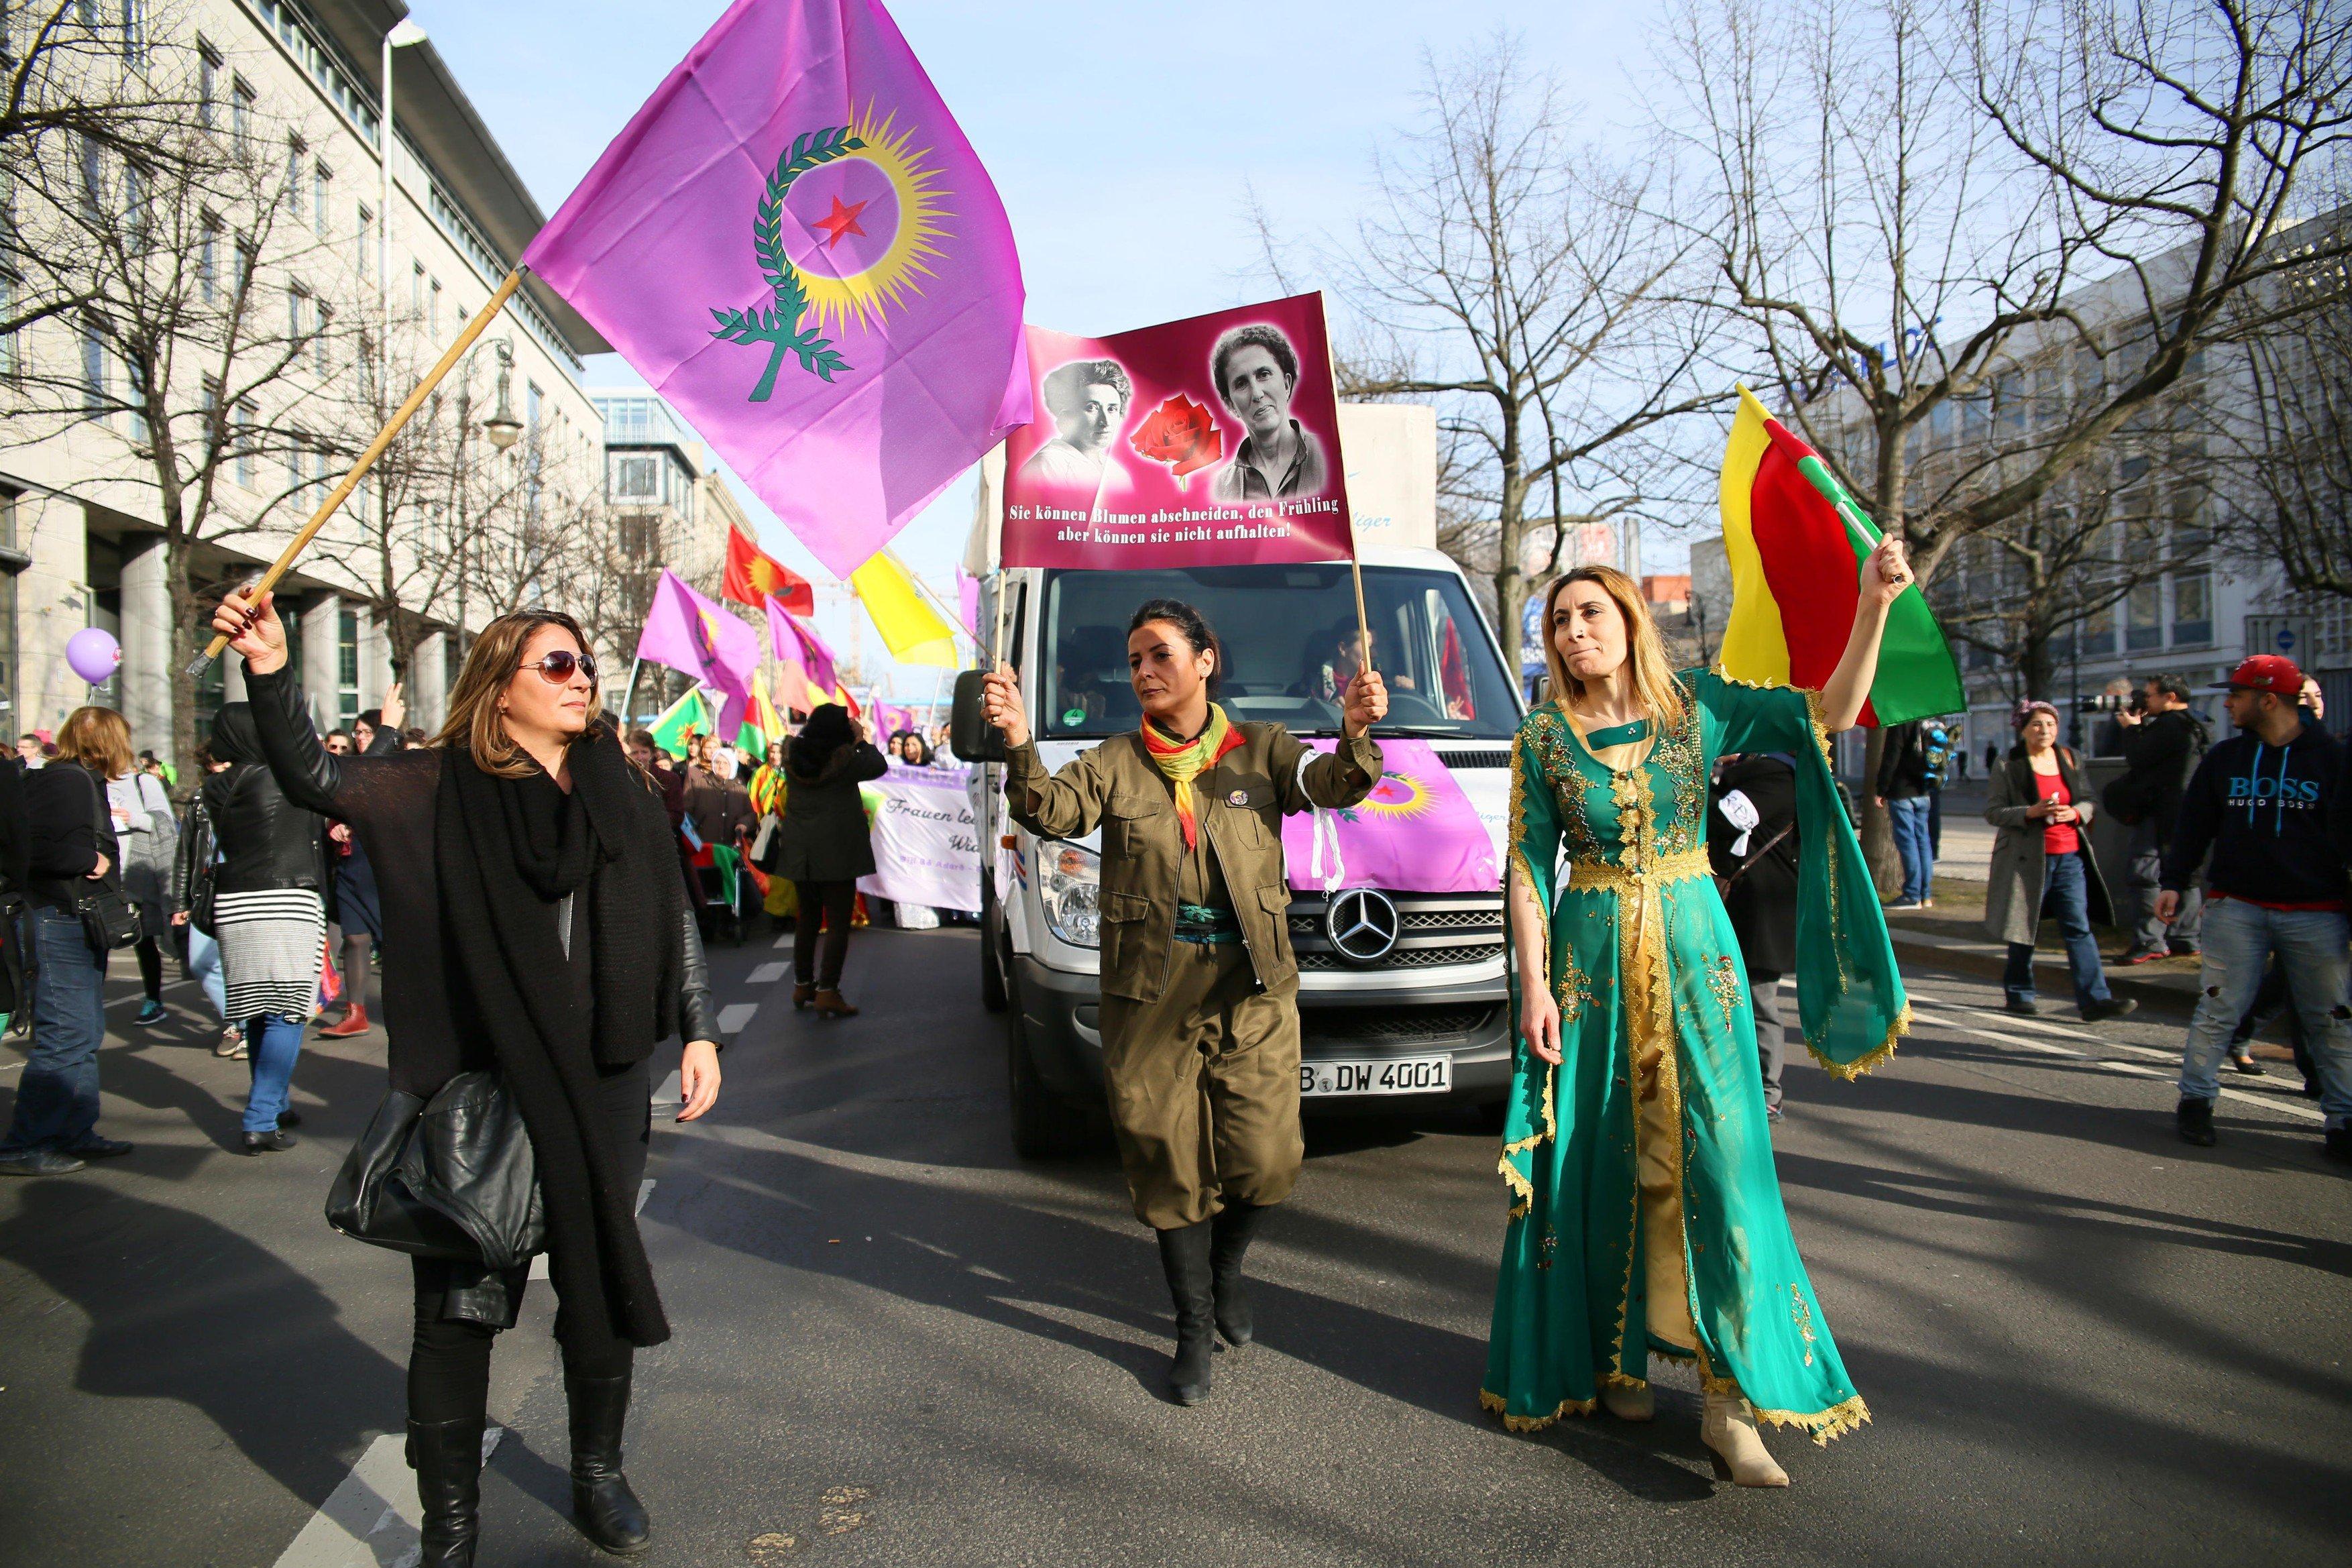 Německá metropole si odhlasovala nový svátek: Mezinárodní den žen (snímek pochází z průvodu na MDŽ v roce 2015)